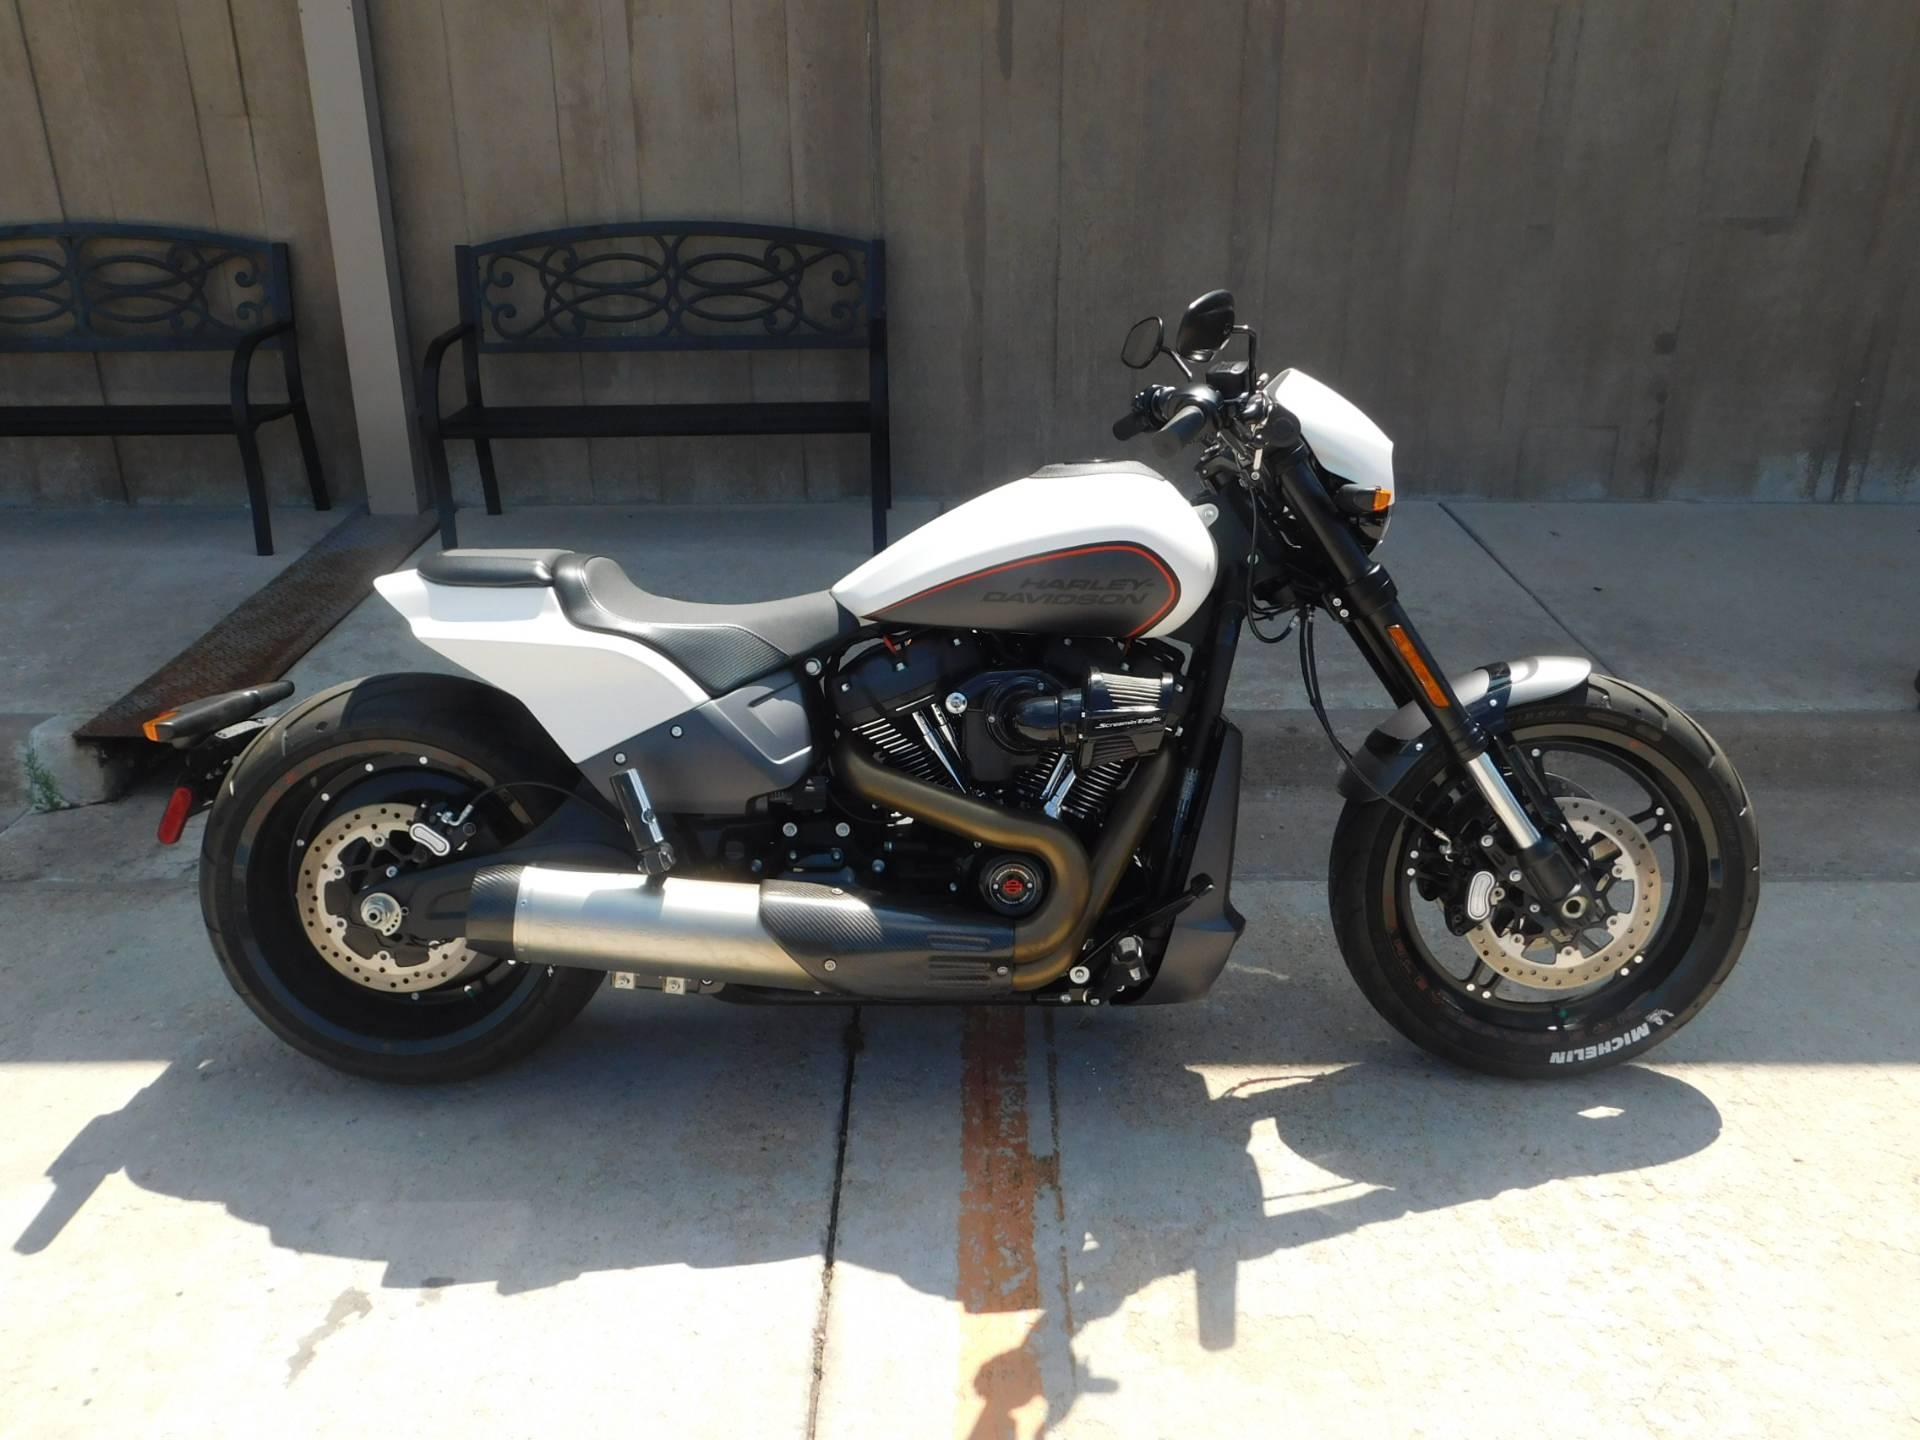 Harley Davidson Colorado >> 2019 Harley Davidson Fxdr 114 In Colorado Springs Colorado